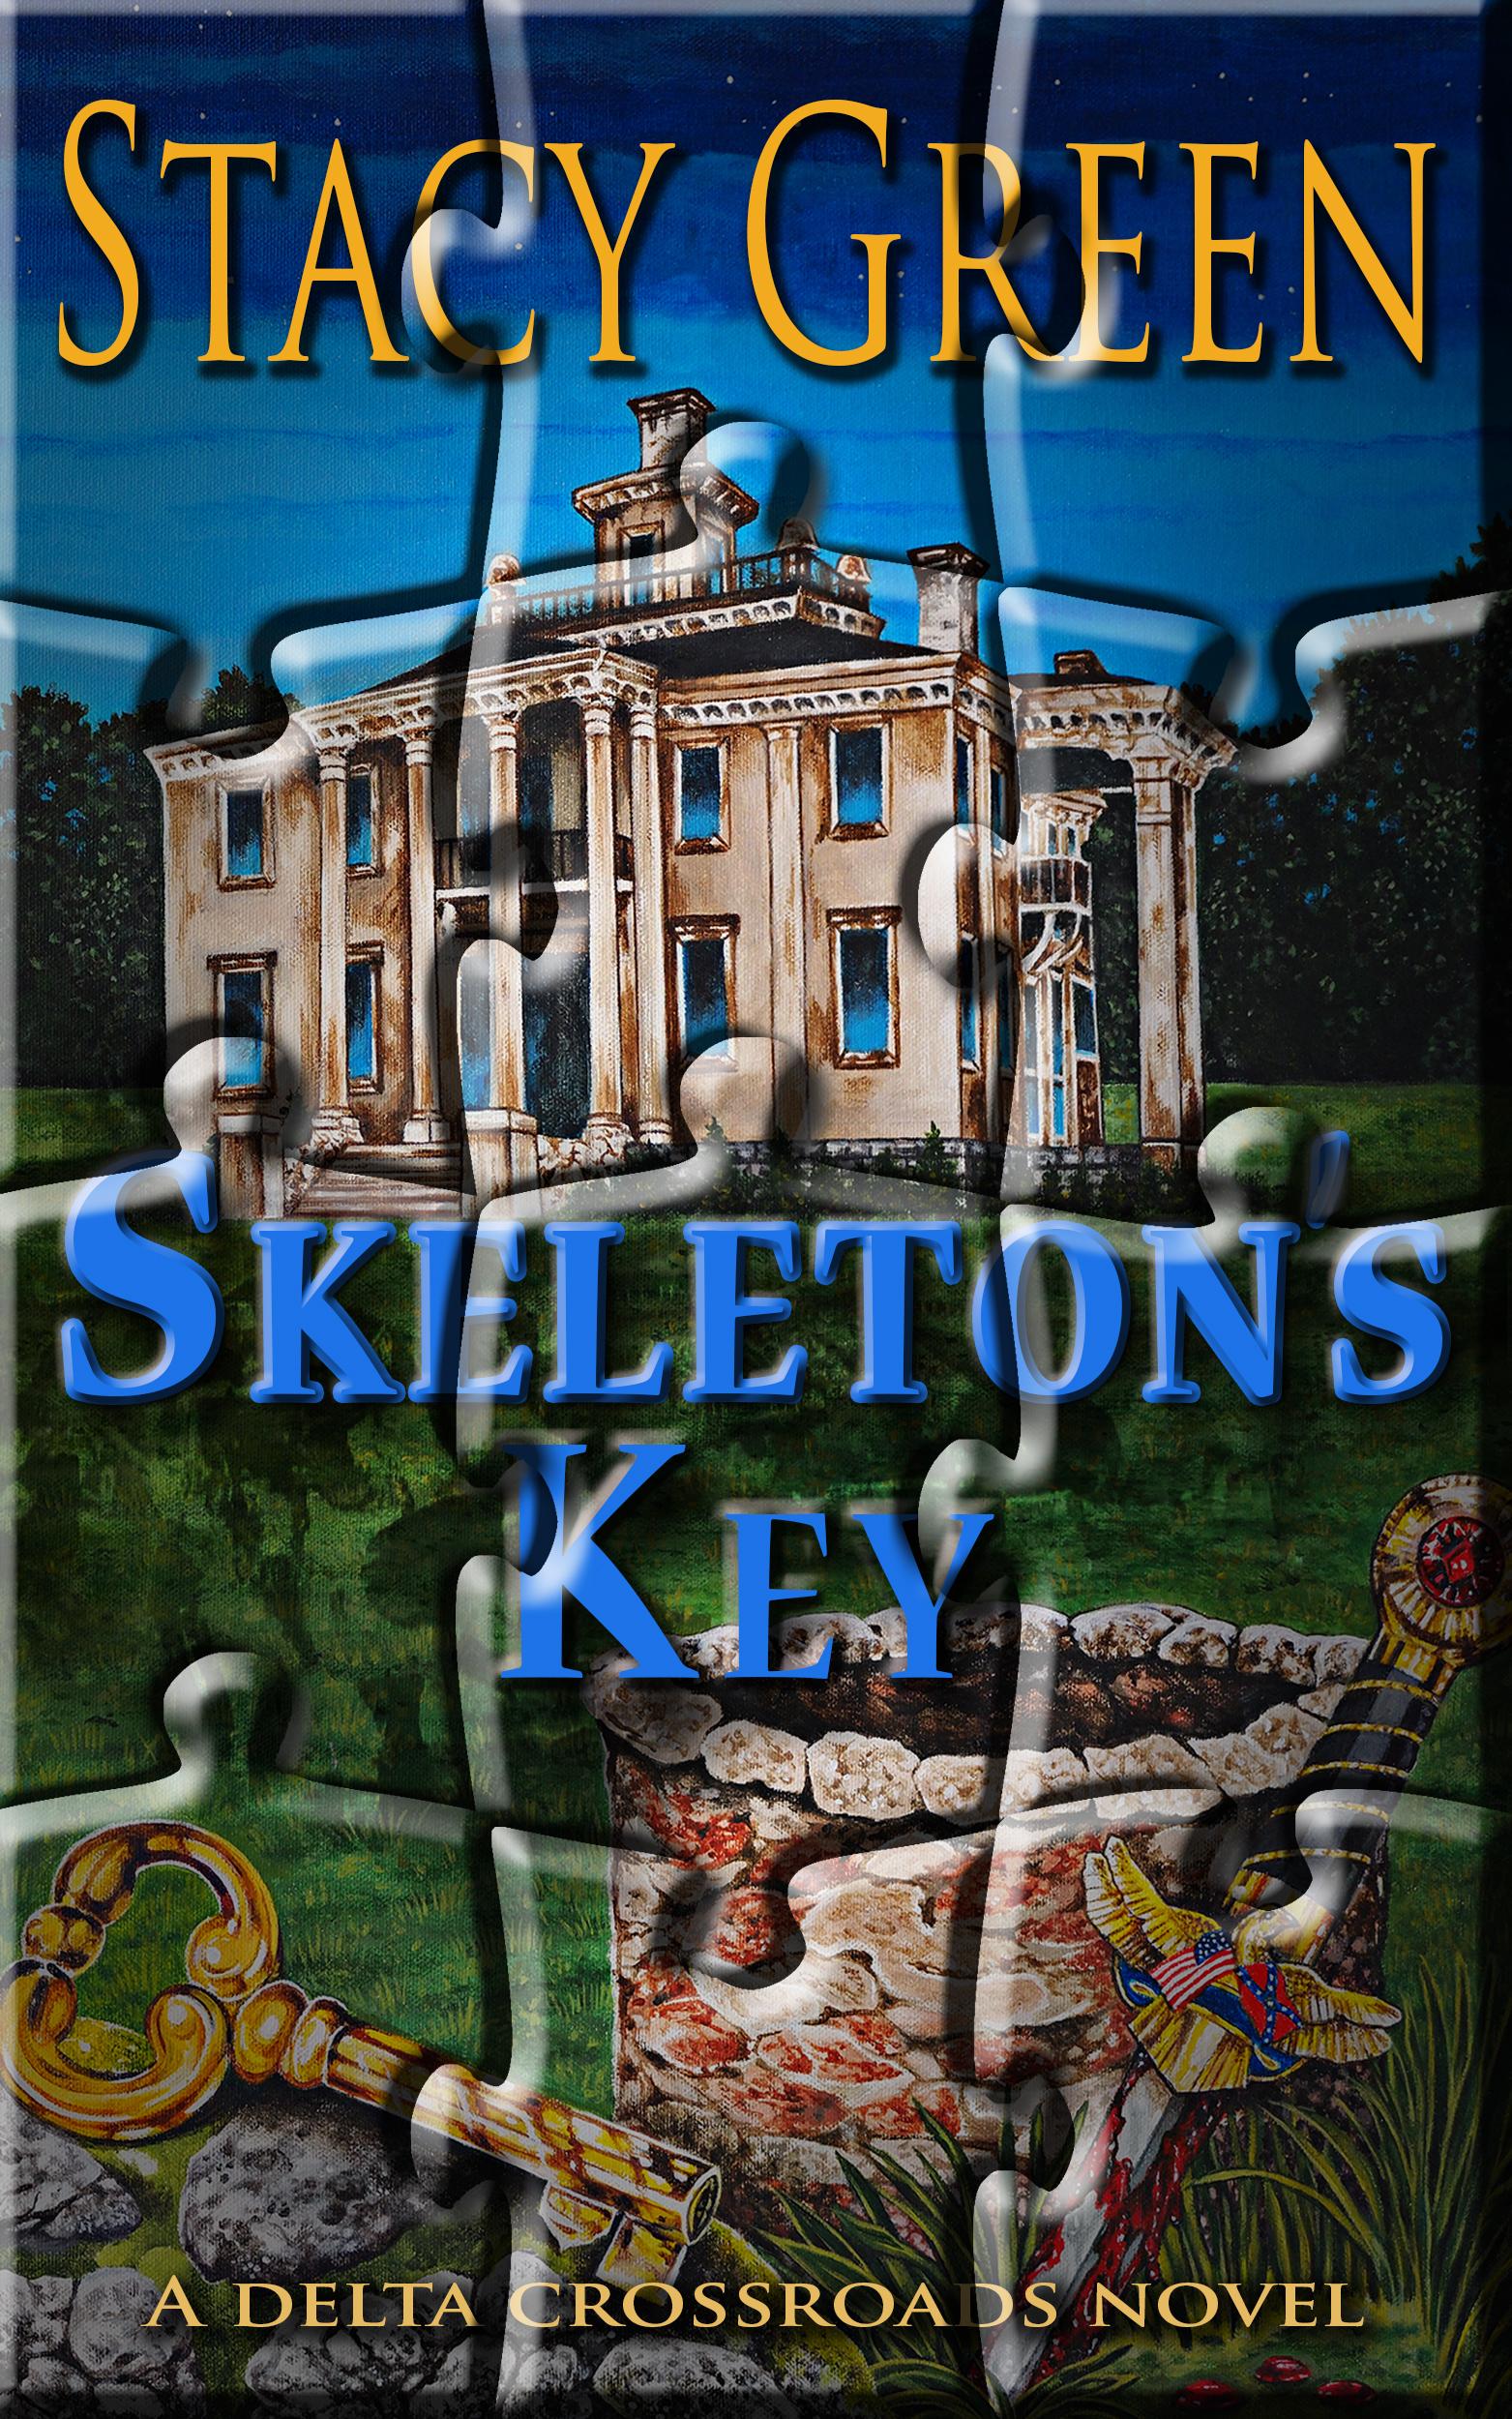 SkeletonsKeyEbookFinalPuzzle12